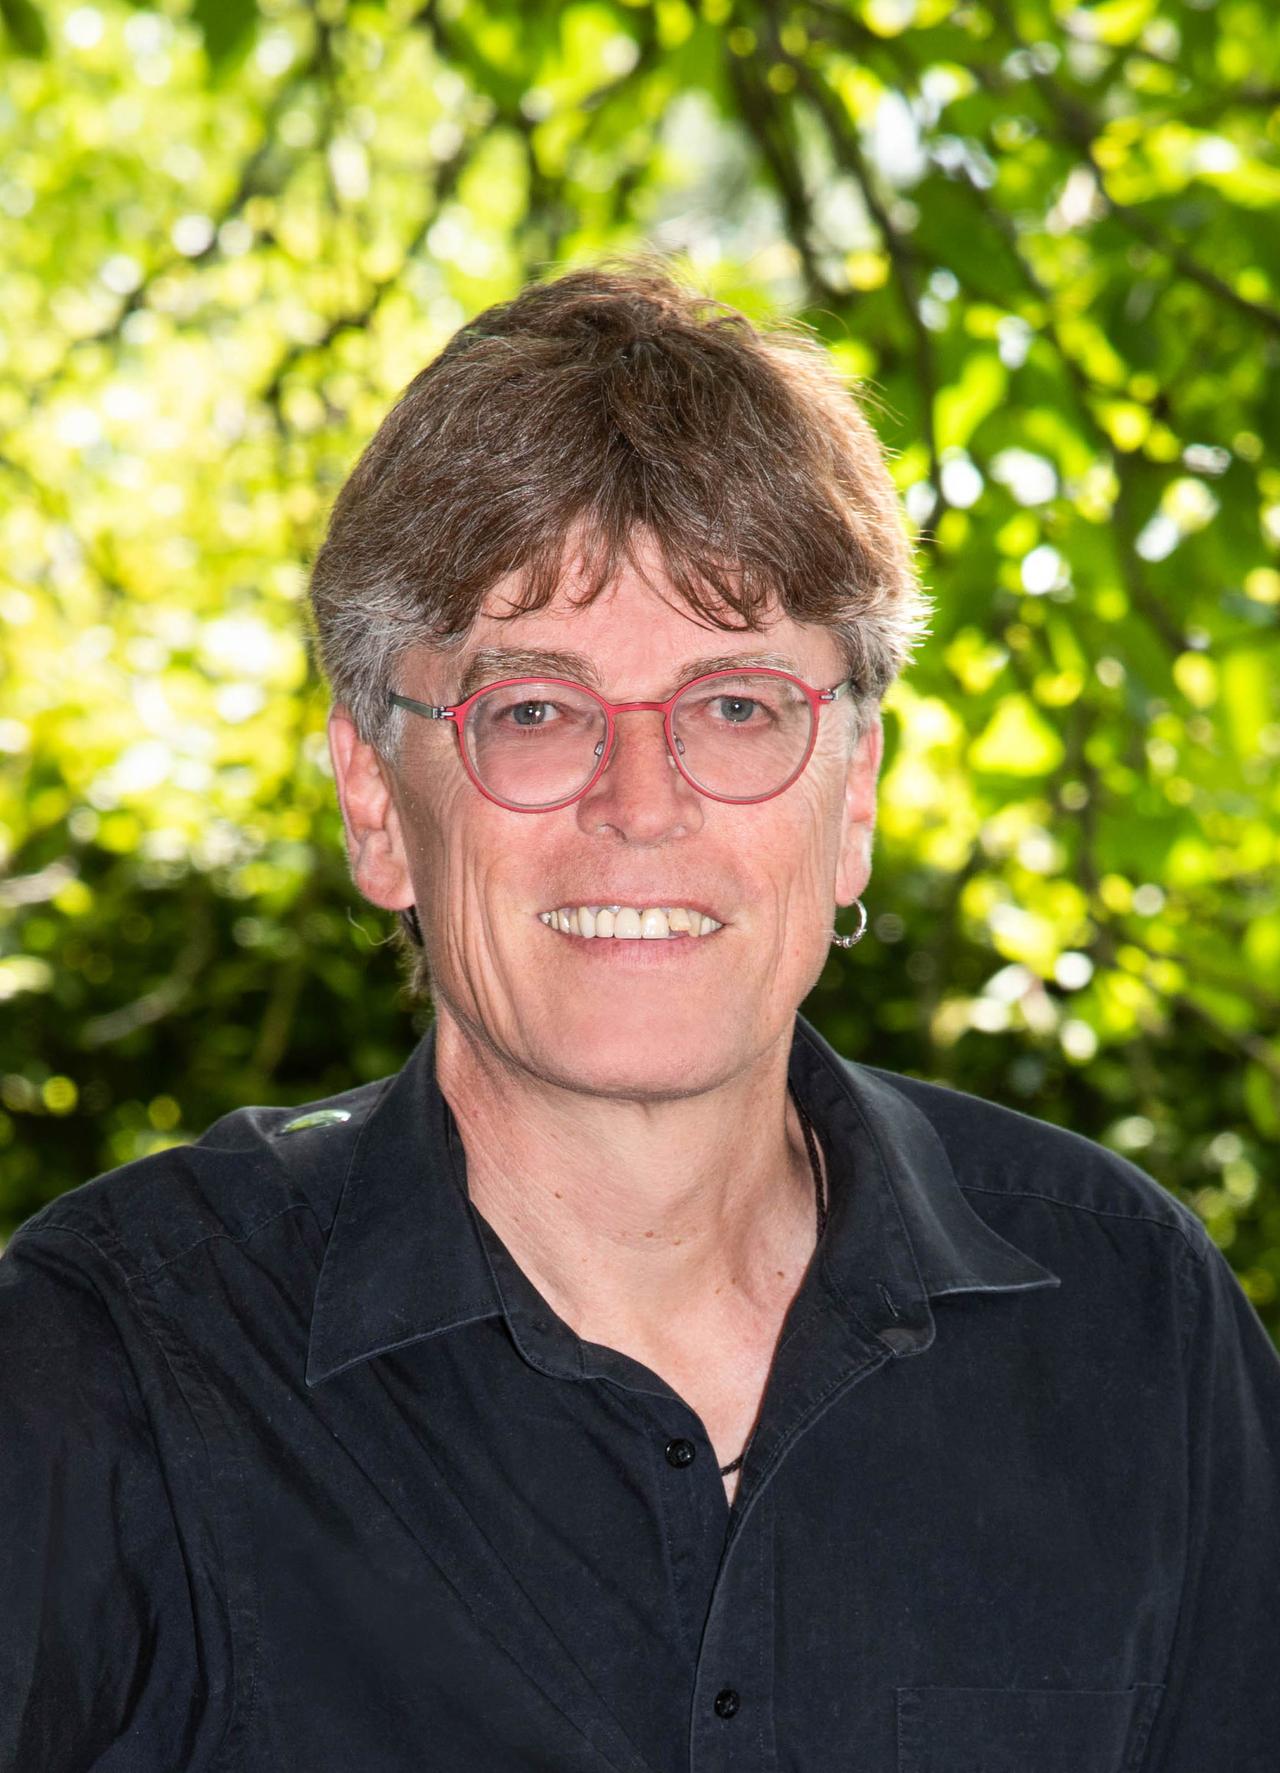 Bernard Gehrs